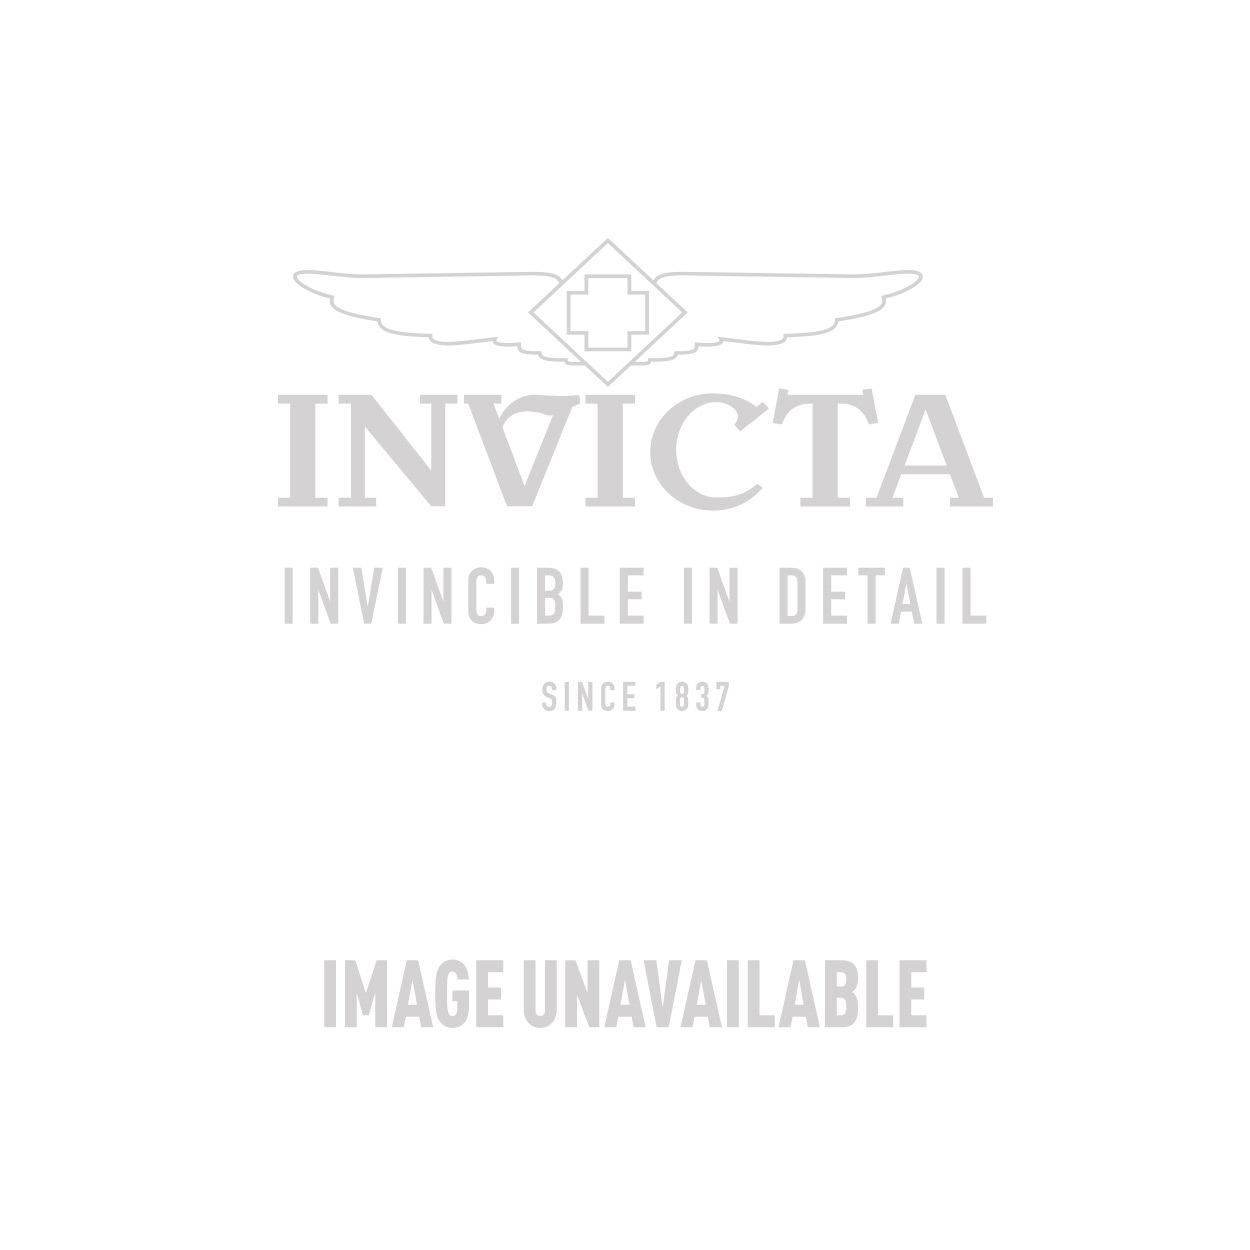 Invicta Model 28968